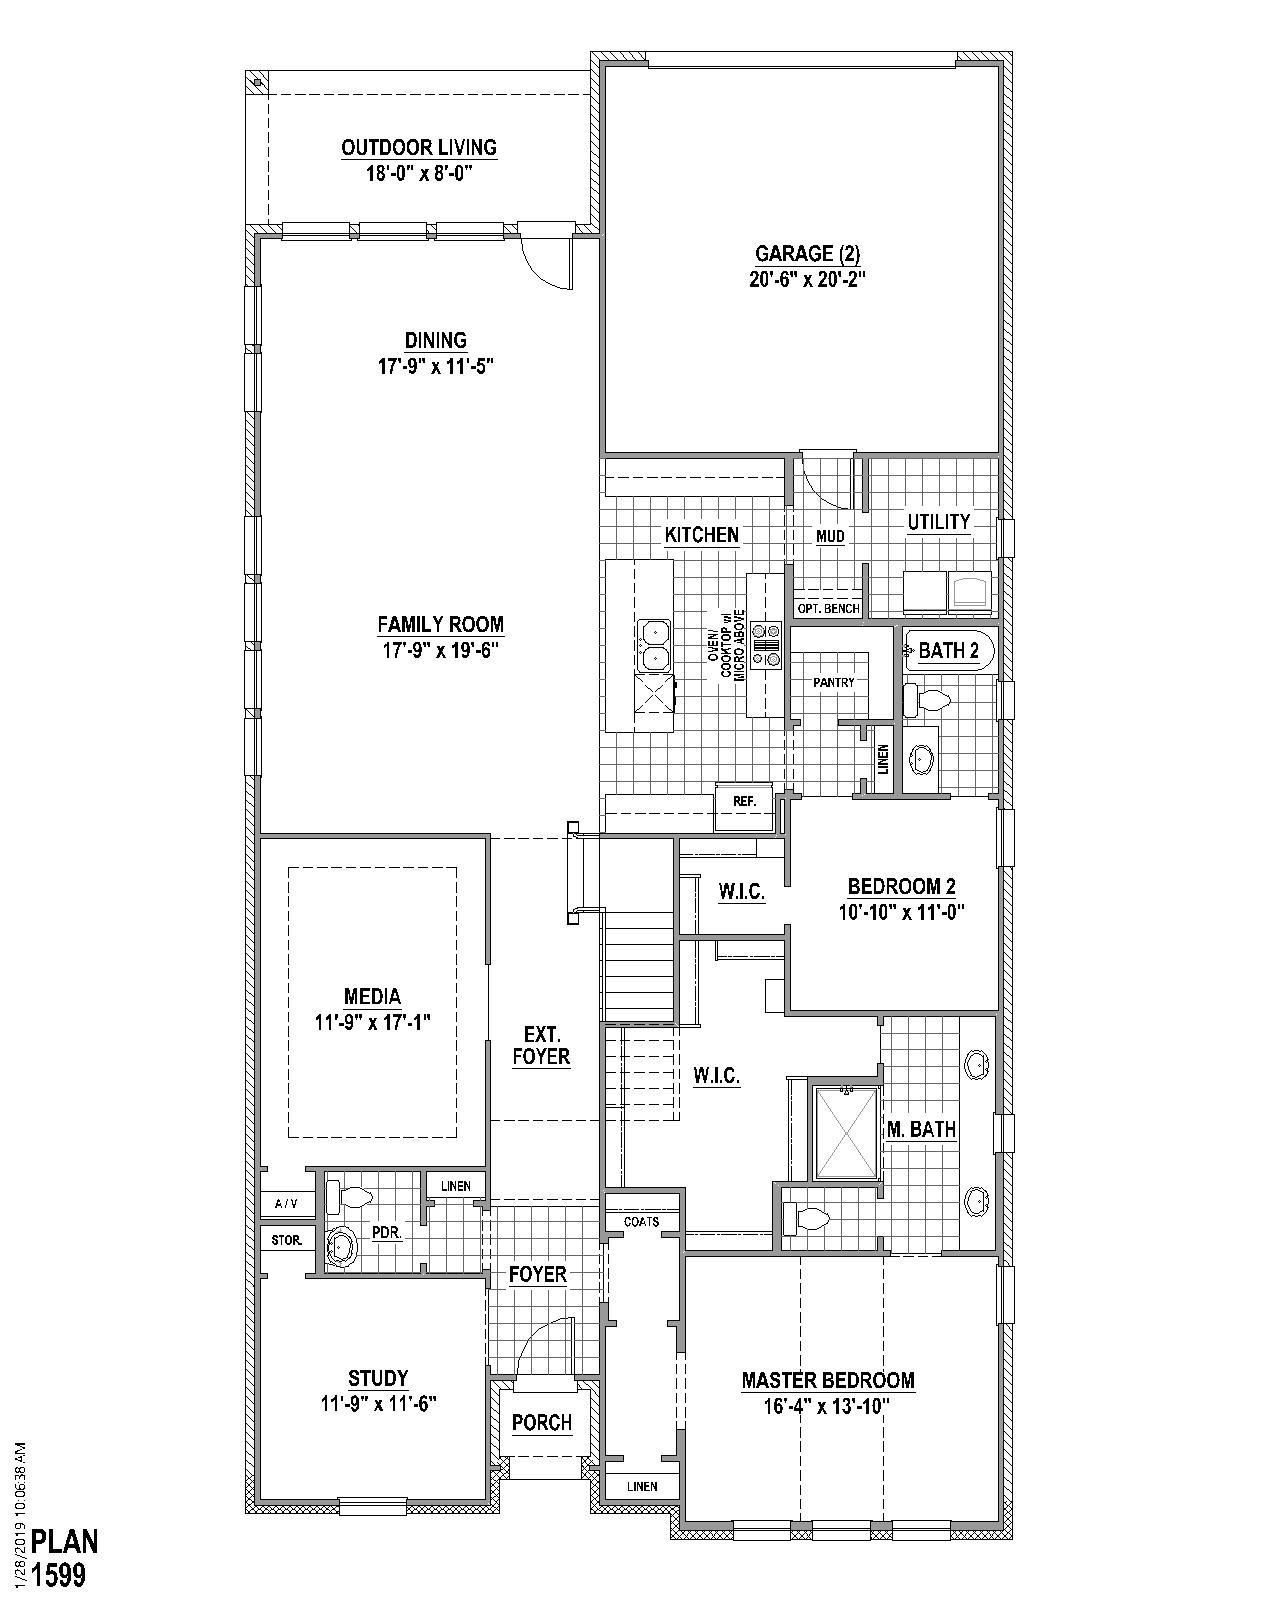 Plan 1599 1